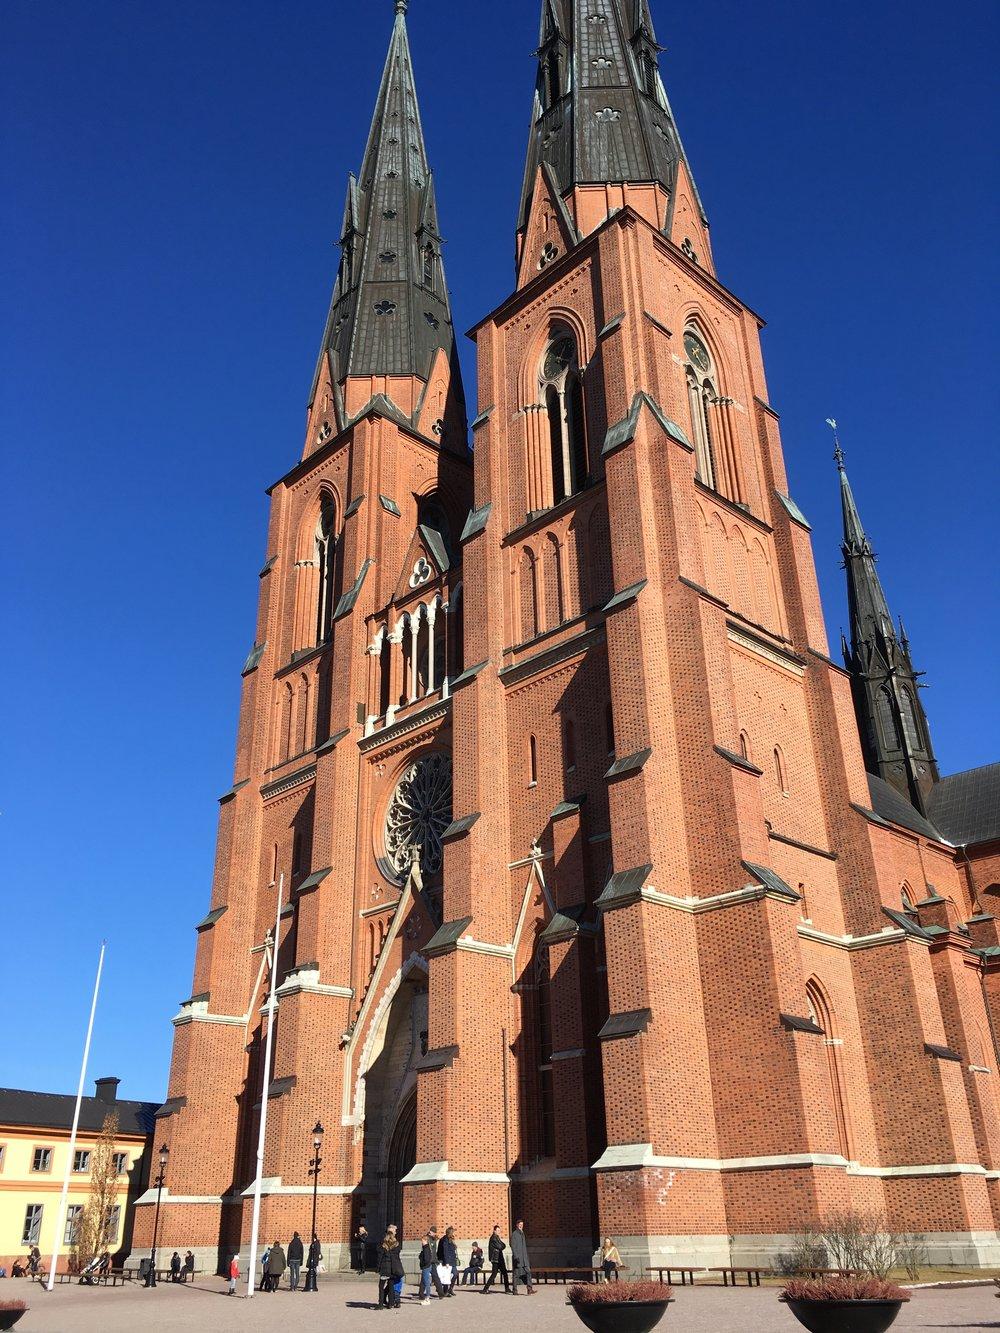 Korkeat tornit mahtuvat hädin tuskin kuvaan